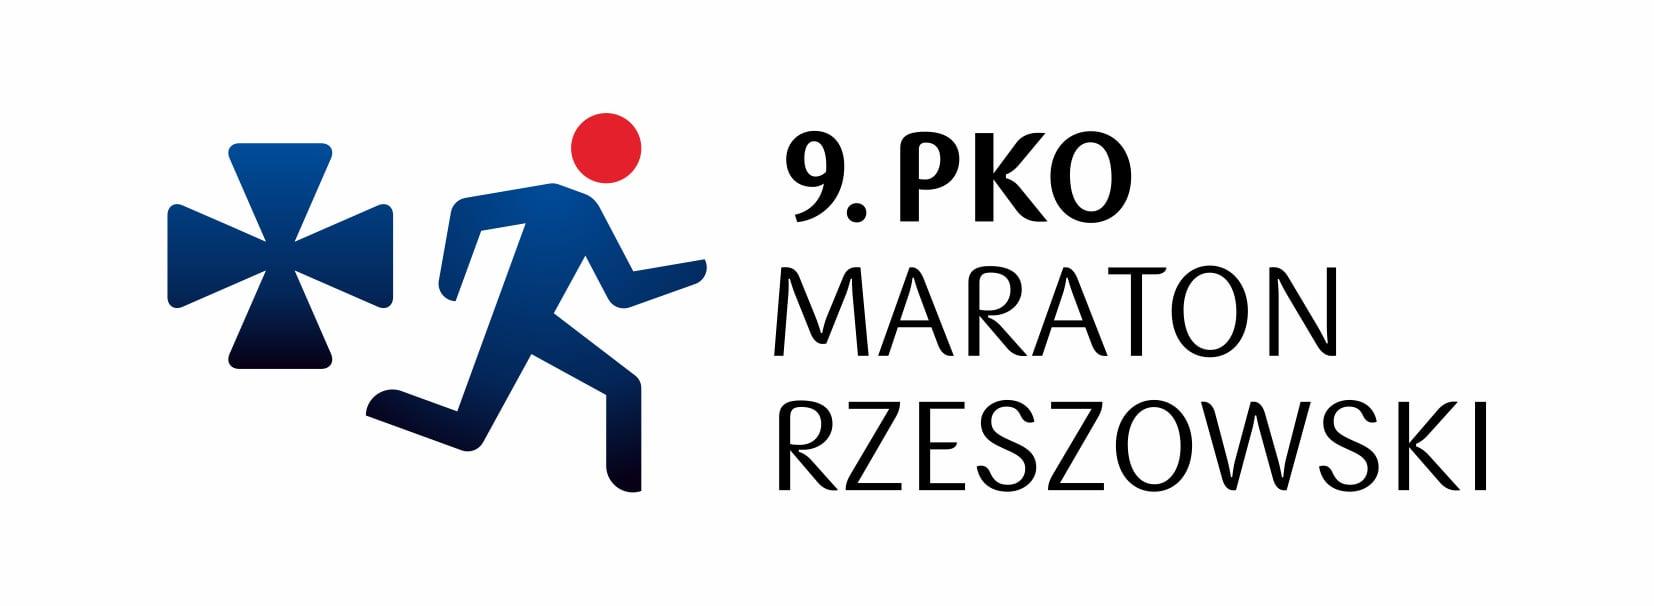 Maraton Rzeszowski 2021 | Aktywer